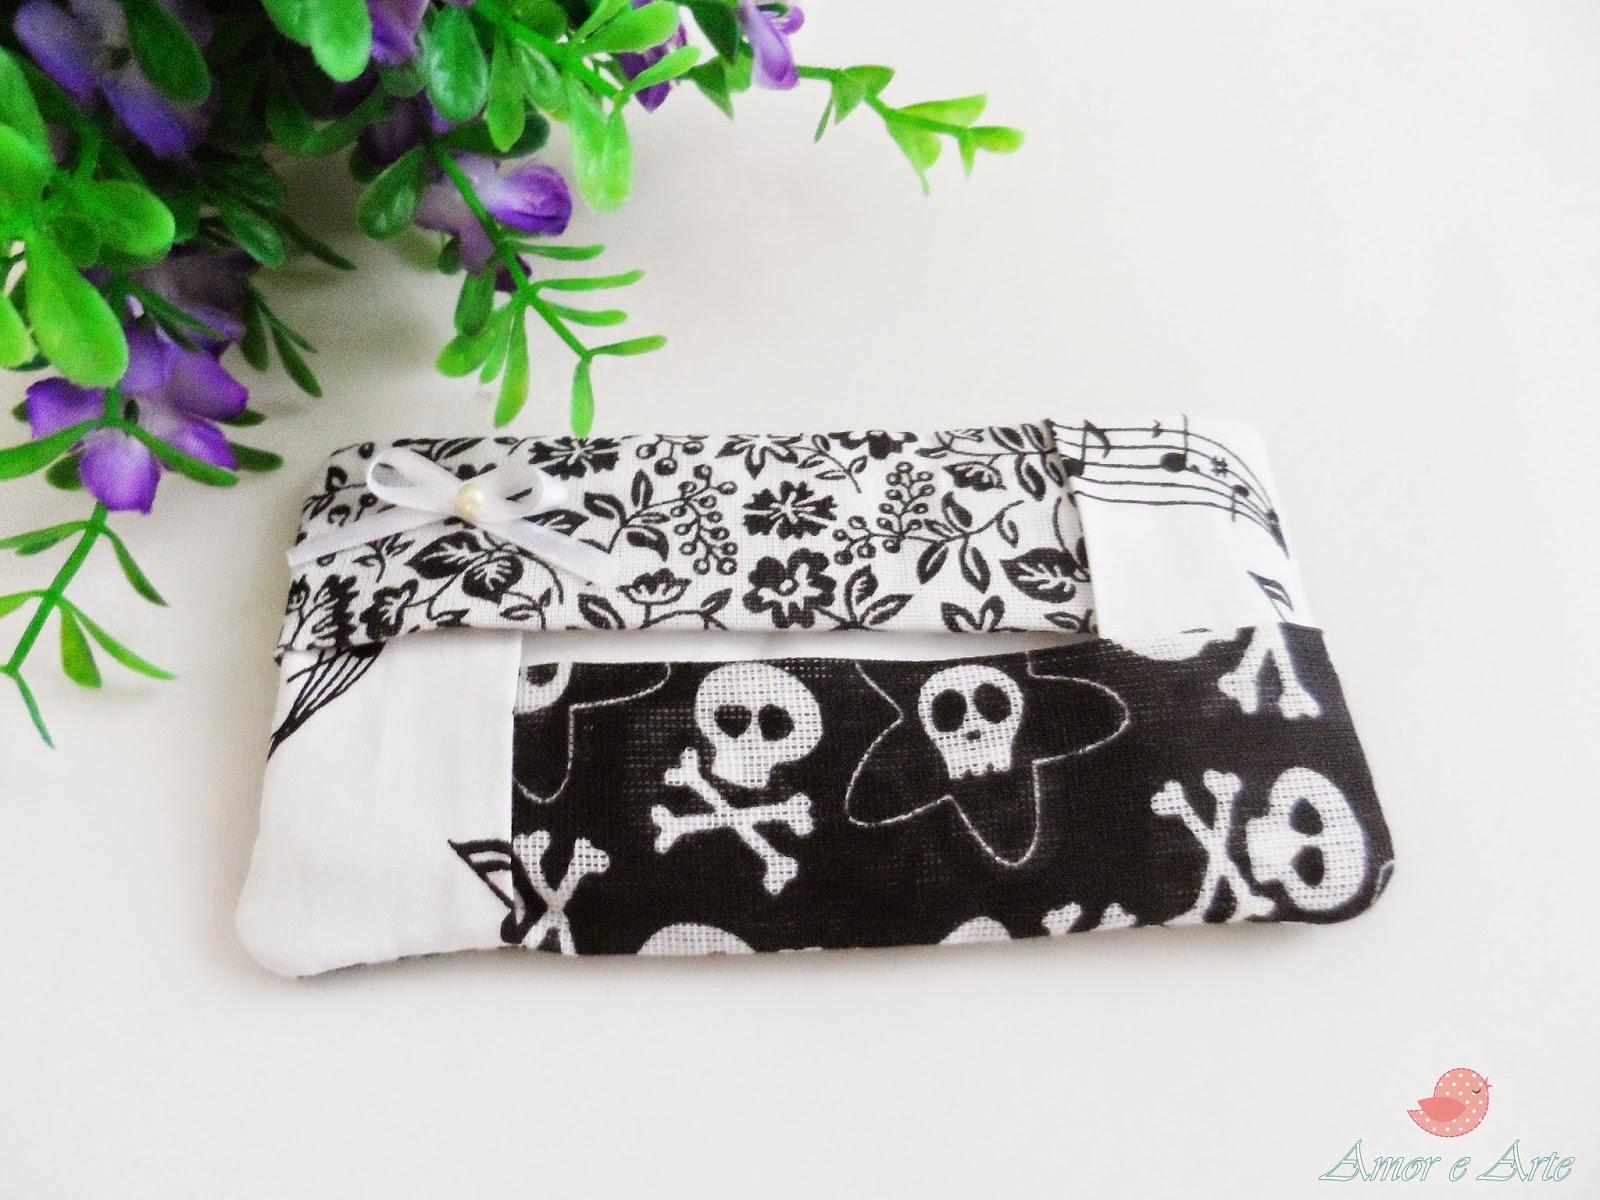 Porta Lenço em tecido nas cores preto e branco